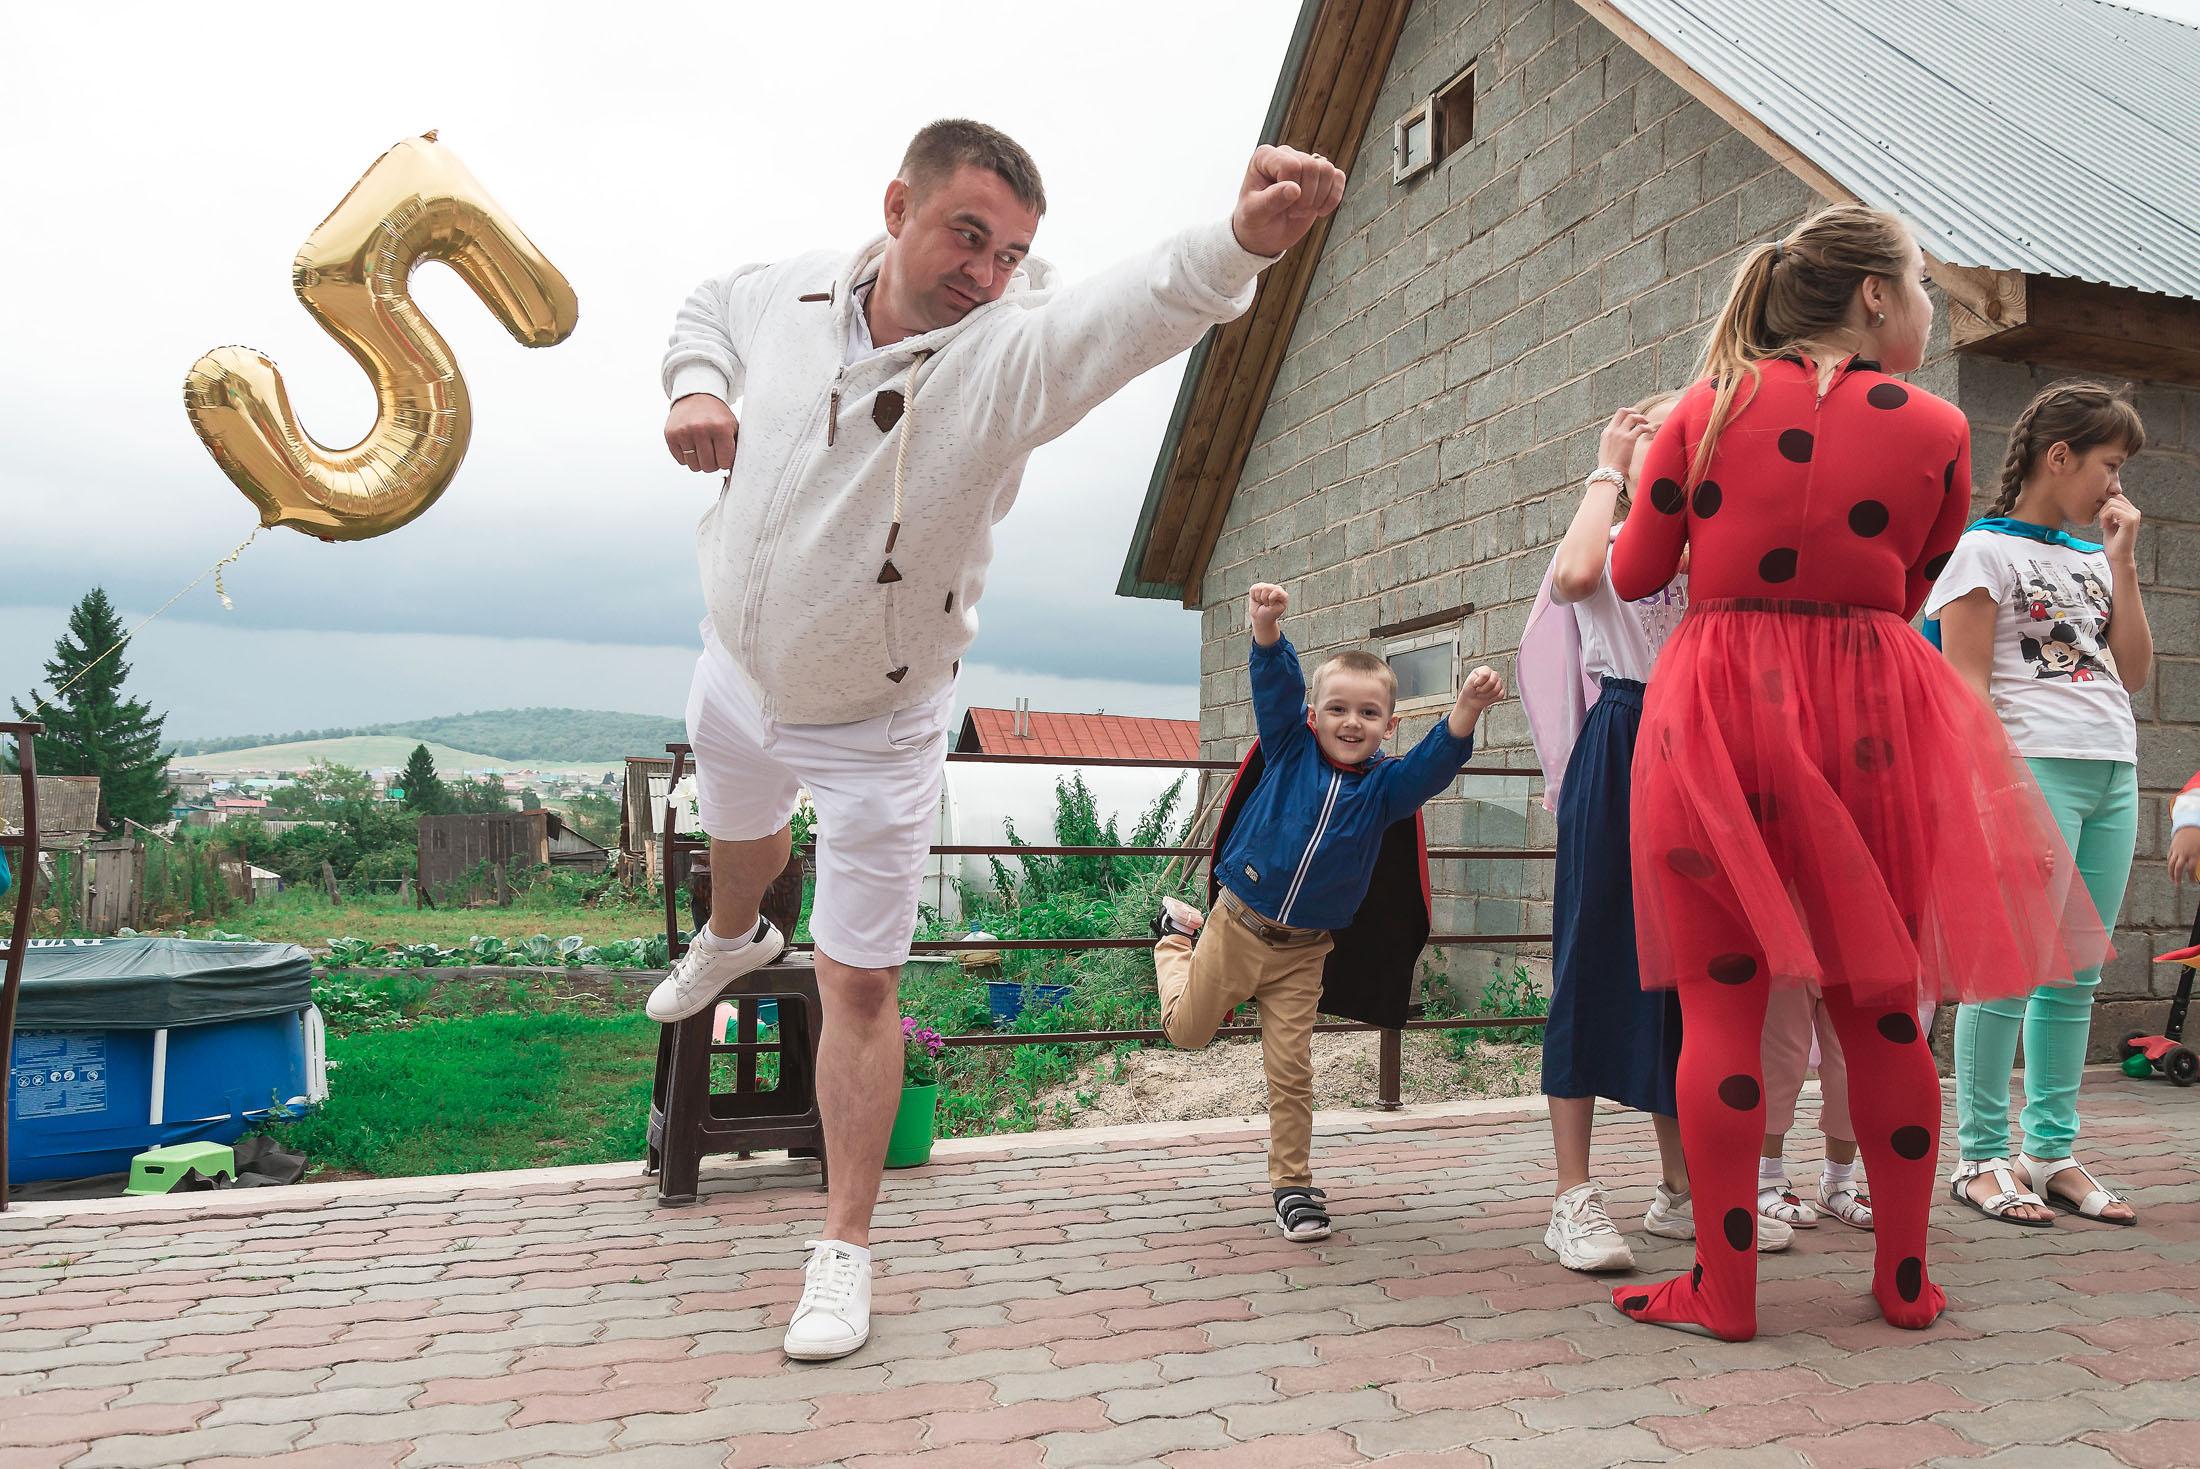 фотограф стерлитамак, фотограф Красноусольск, детский фотограф, фотограф в детский сад,детский и семейный фотограф стерлитамак,  фотограф на детский день рождения стерлитамак,  фотограф на детский праздник  полет суперменов